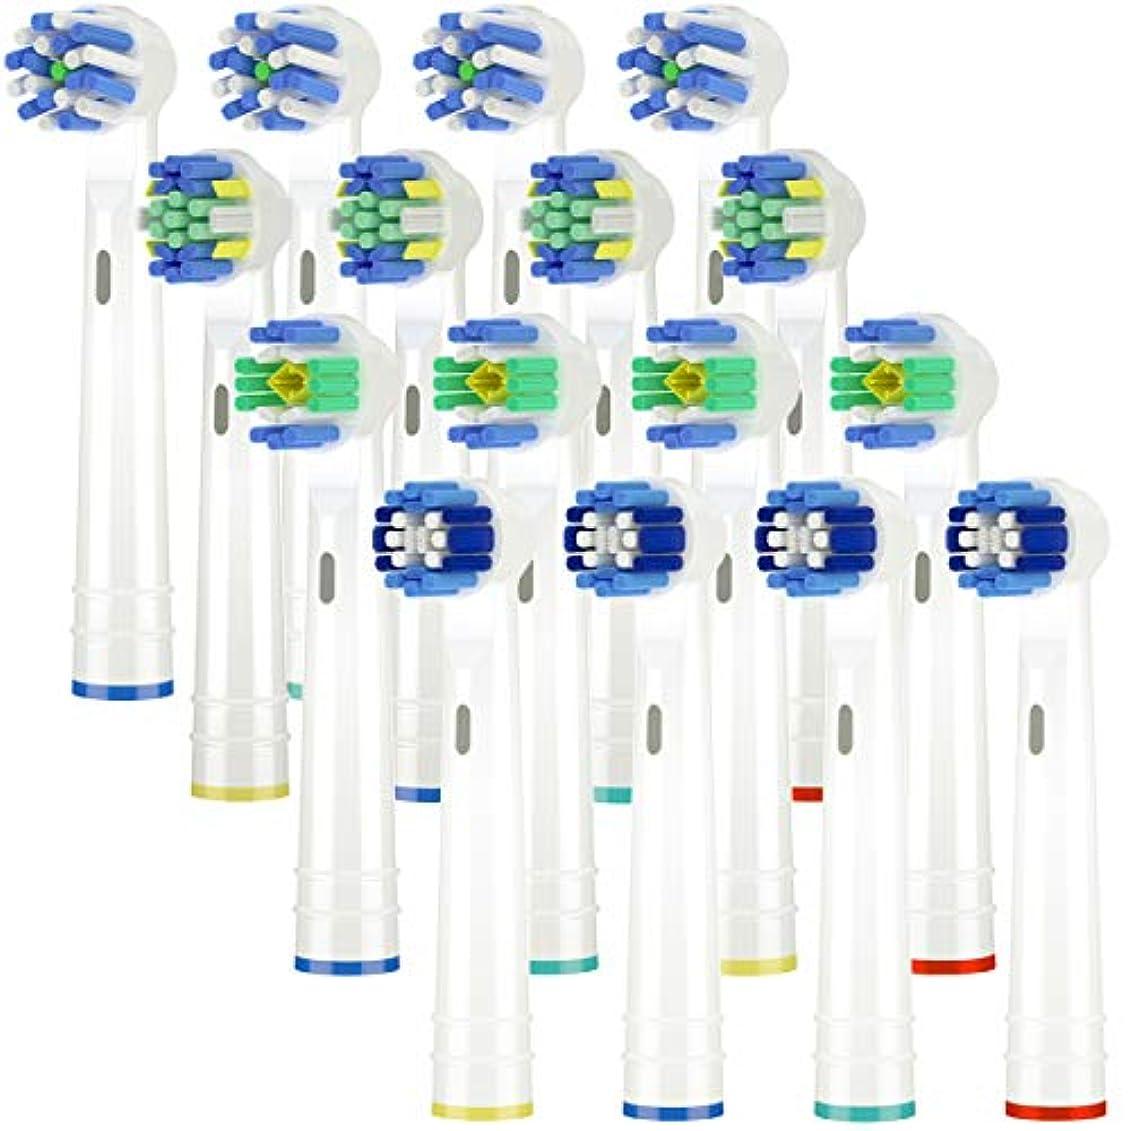 道路チャールズキージング不潔Itechnik 電動歯ブラシ 替えブラシ ブラウン オーラルB 対応 替えブラシ 4種類が入り:ホワイトニングブラシ 、ベーシックブラシ、歯間ワイパー付きブラシ、マルチアクションブラシ 凡用な16本